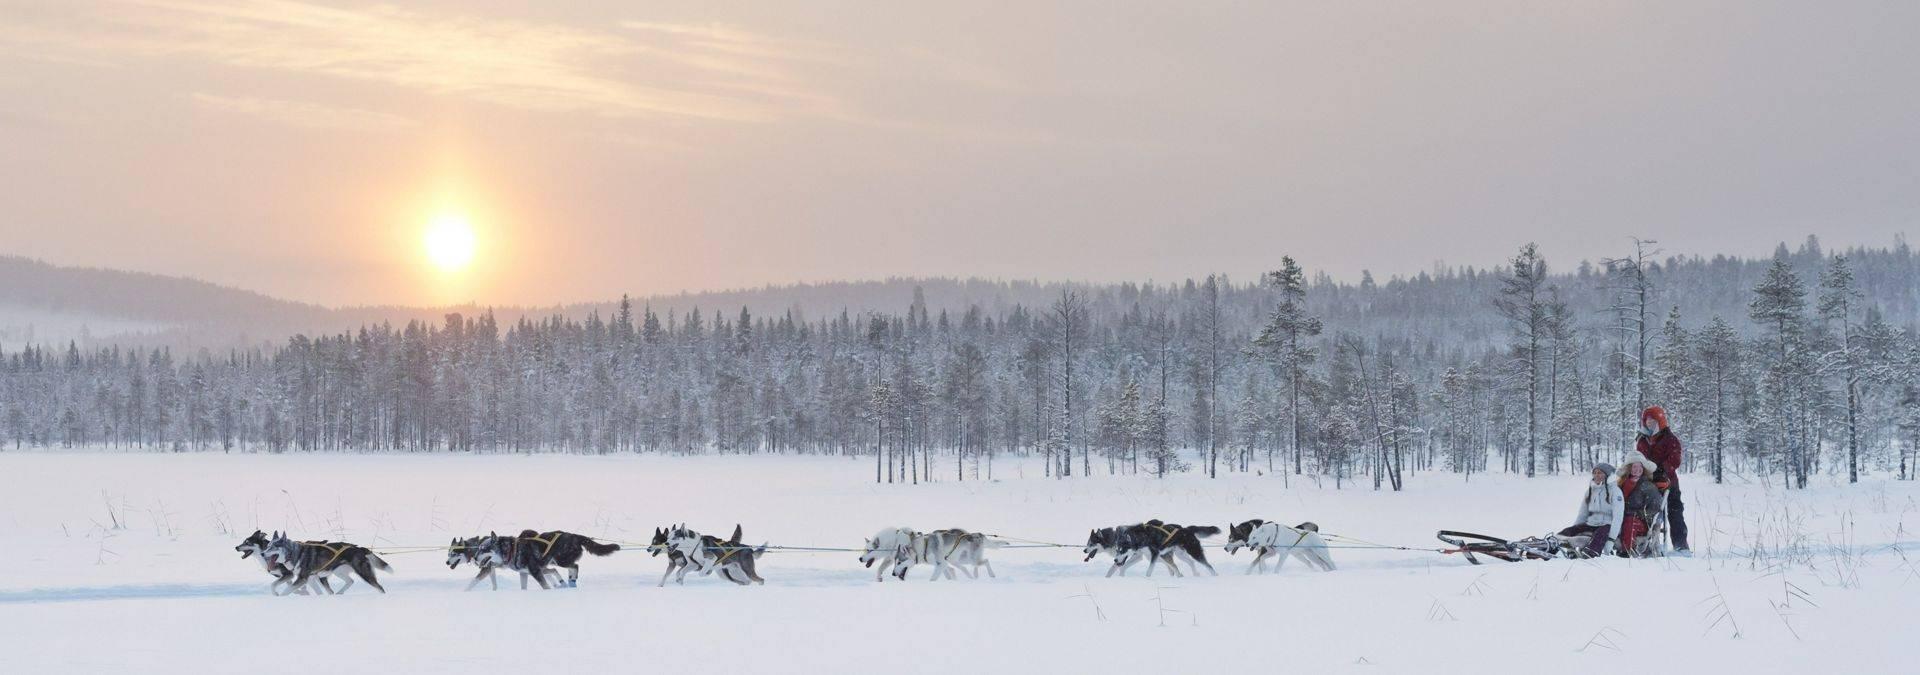 anna_öhlund-dog_sledding_adventure-6470.jpg Credit Anna Öhlund & imagebank.sweden.se.jpg